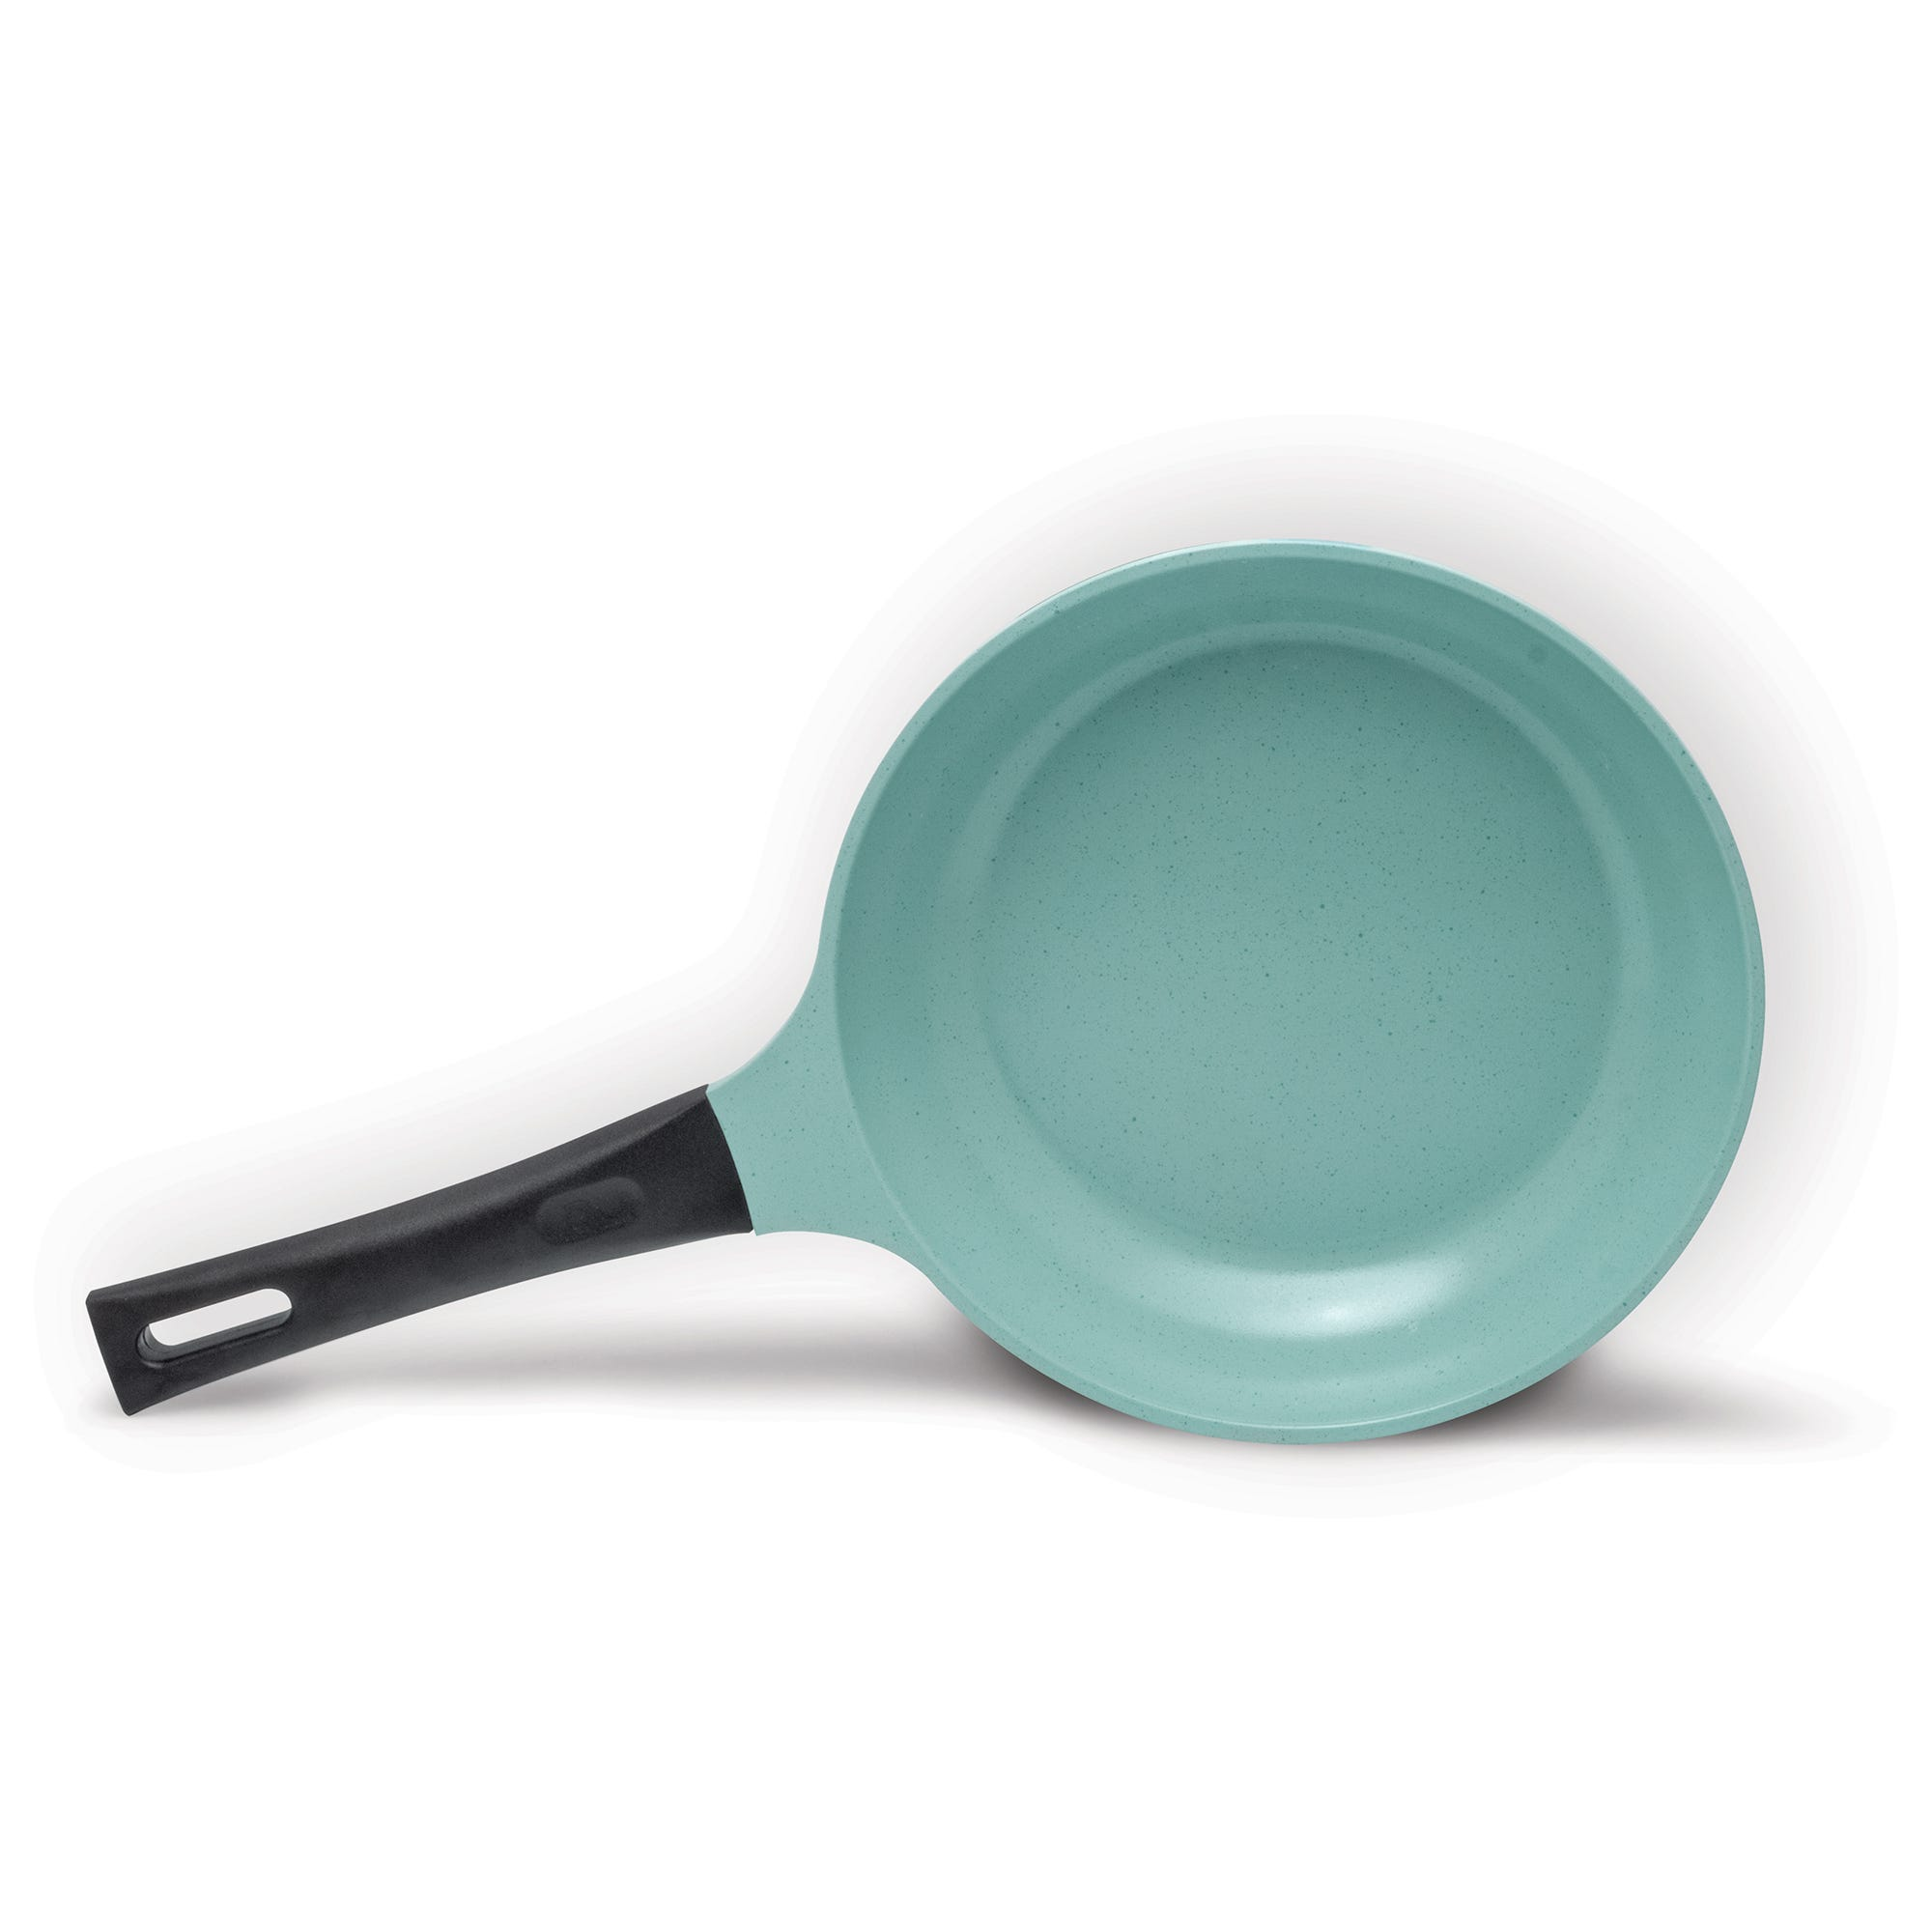 Sartén de cerámica Jade Cook de 24 cm